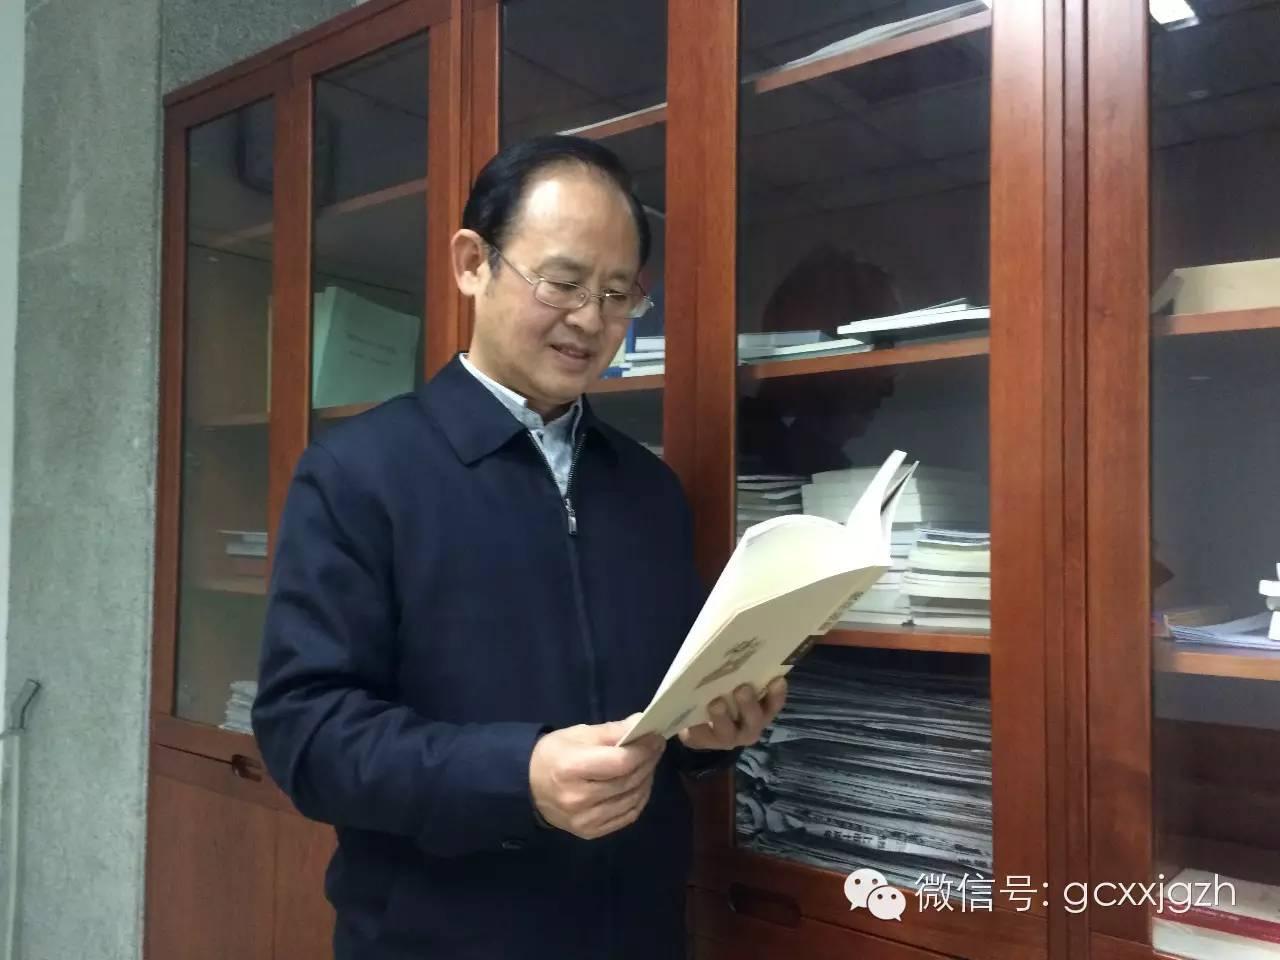 """王勇平退休,首谈""""反正我信了""""发布会内情"""